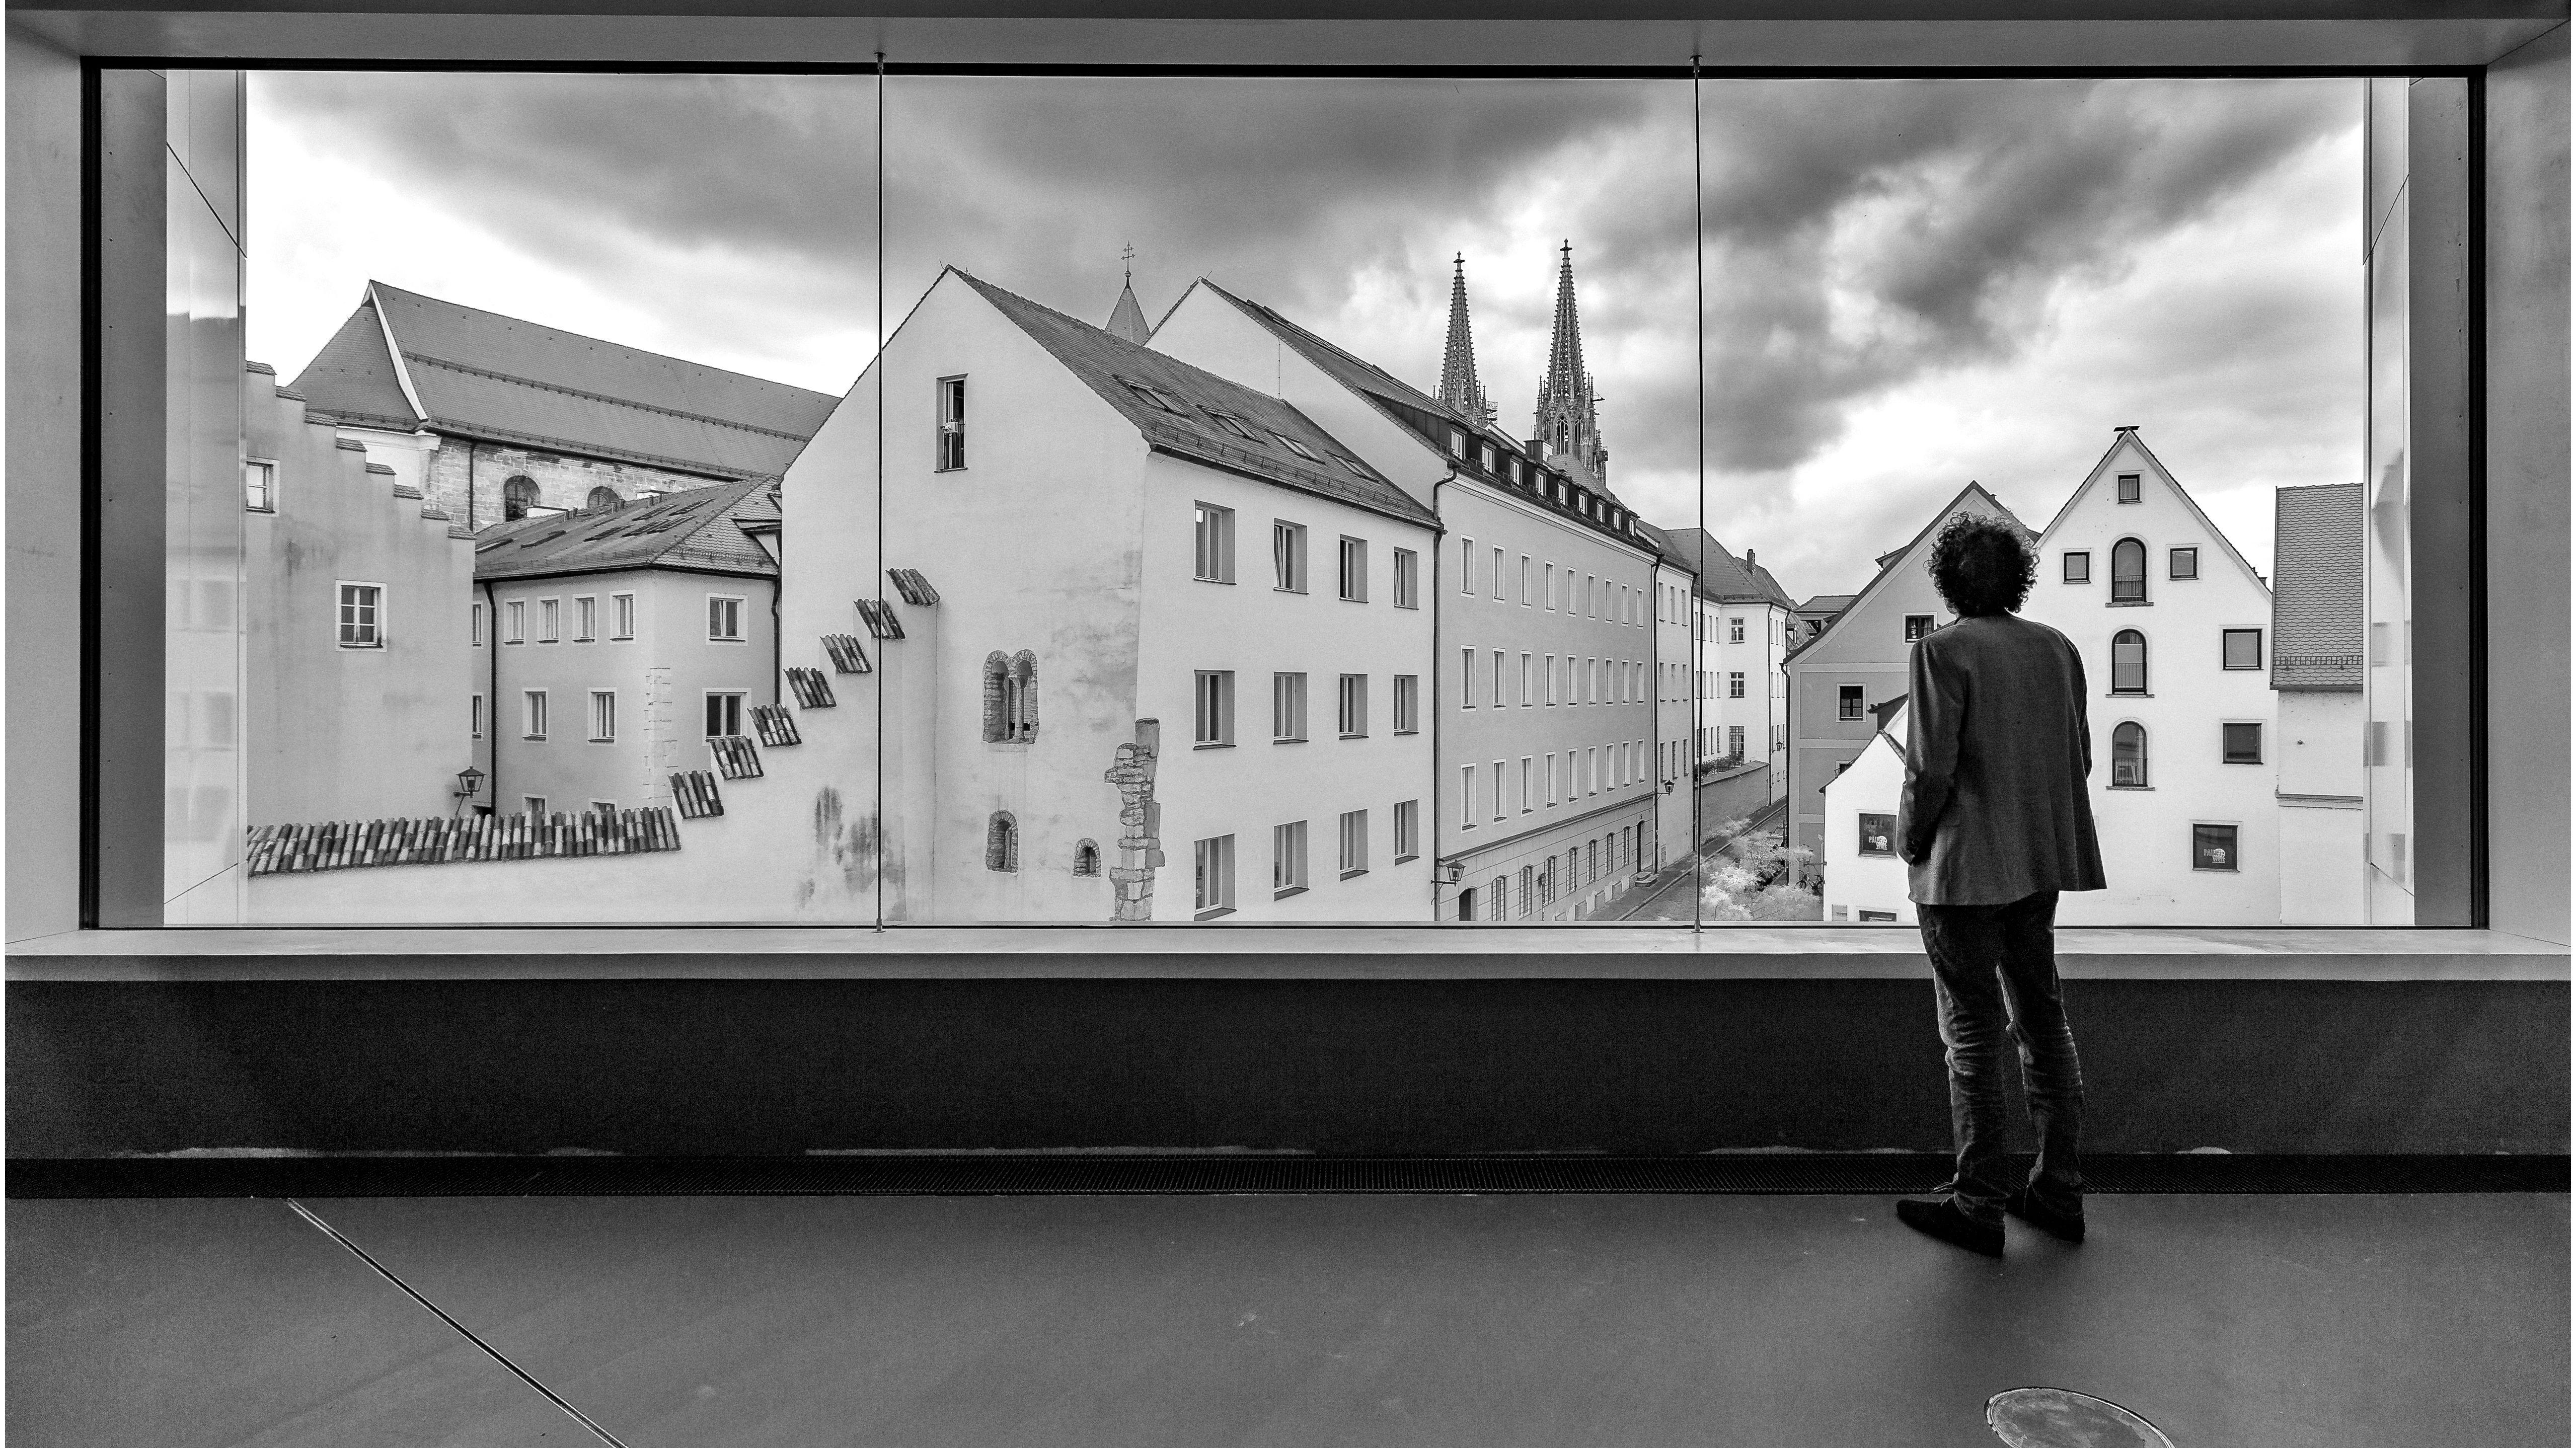 Das große Panoramafenster im Obergeschoss des Museums erlaubt einen spektakulären Ausblick auf die Domtürme und die Altstadt.